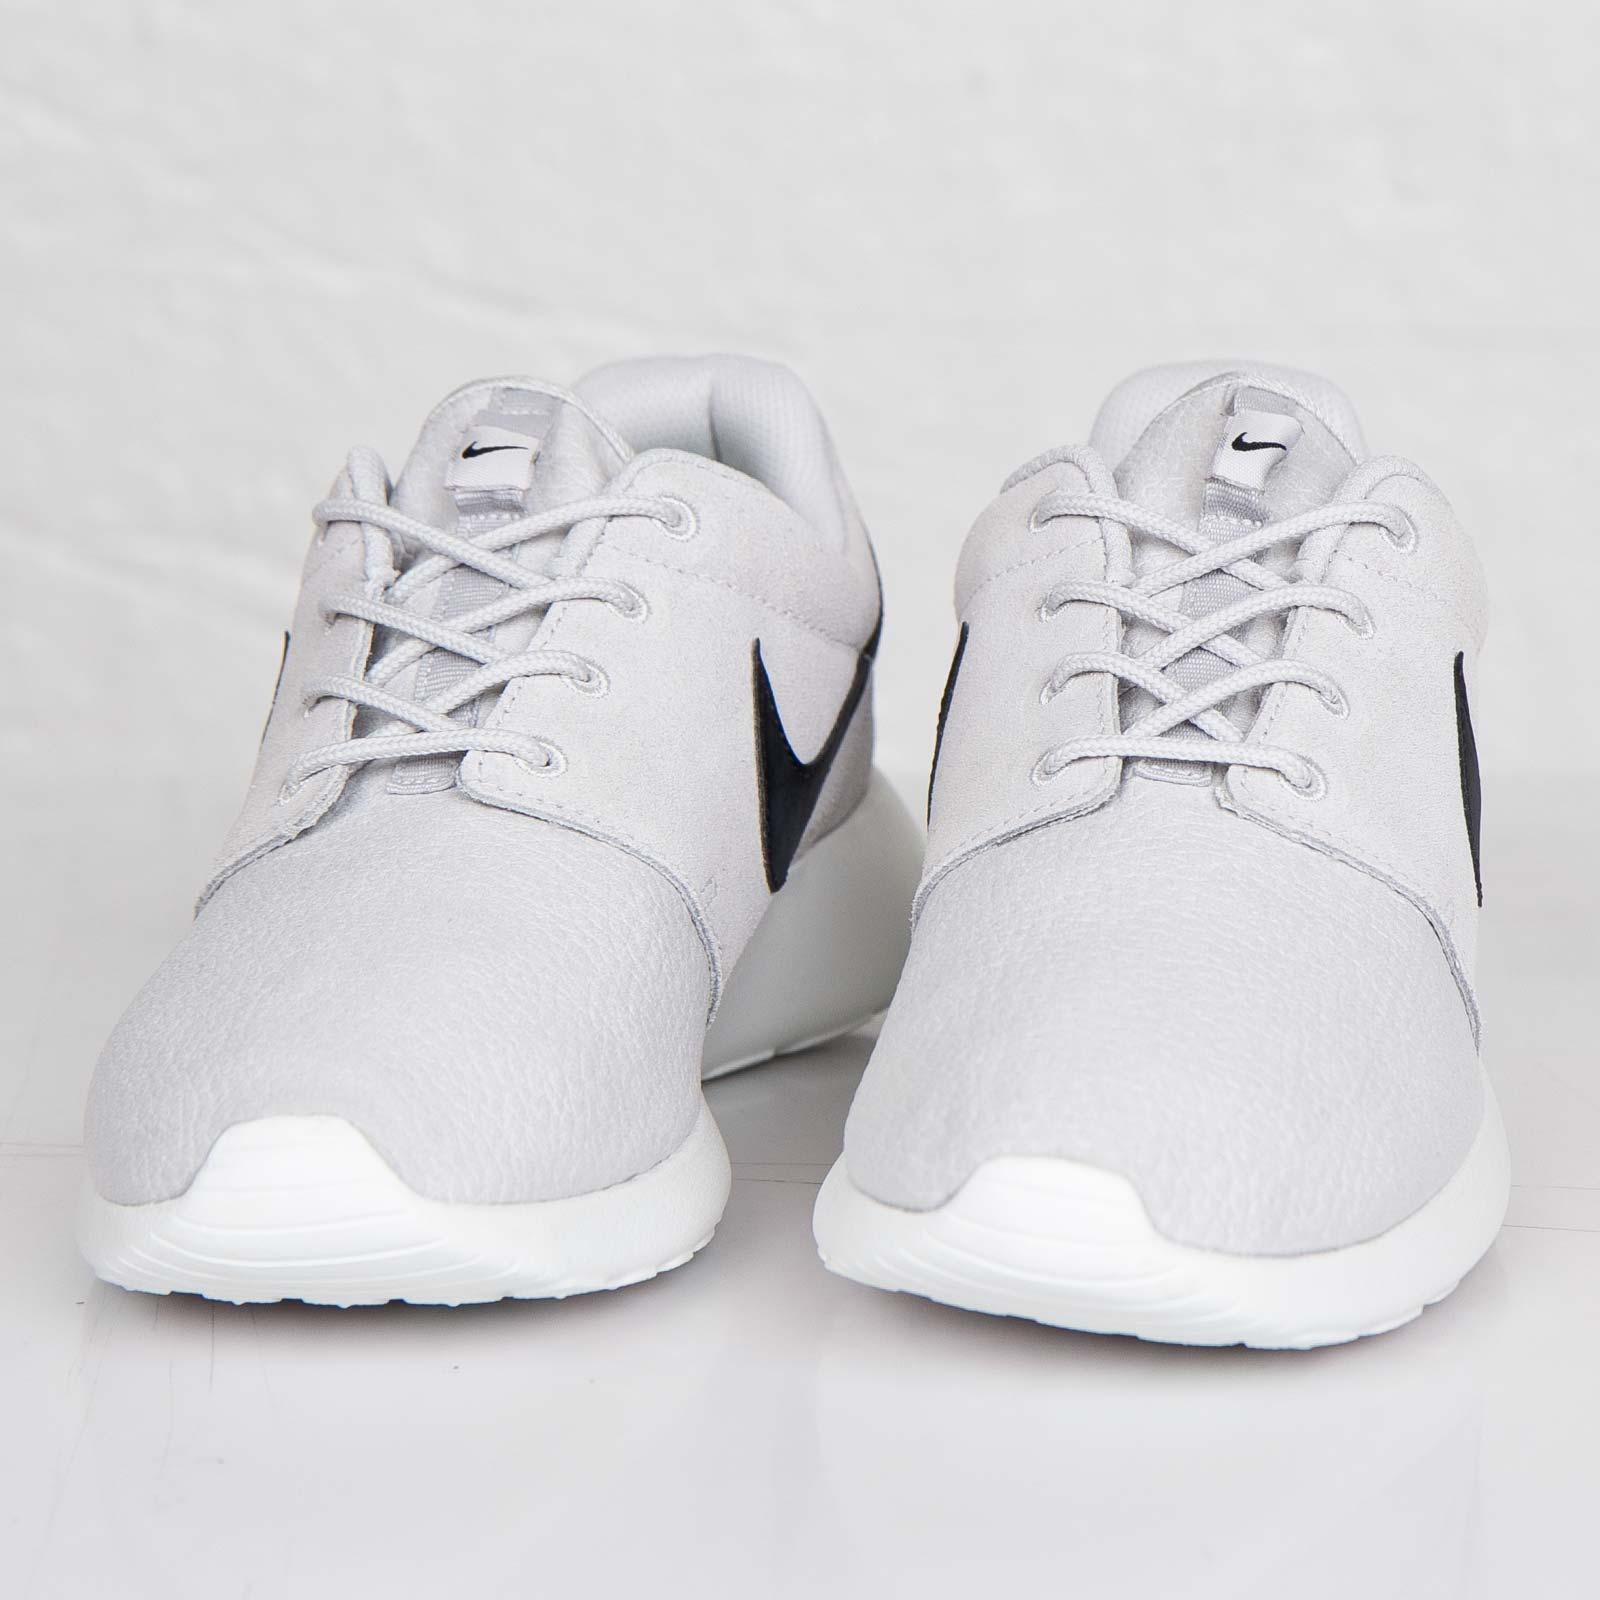 cheap for discount 3e1b9 24029 Nike Roshe Run Suede - 685280-017 - Sneakersnstuff   sneakers   streetwear  online since 1999